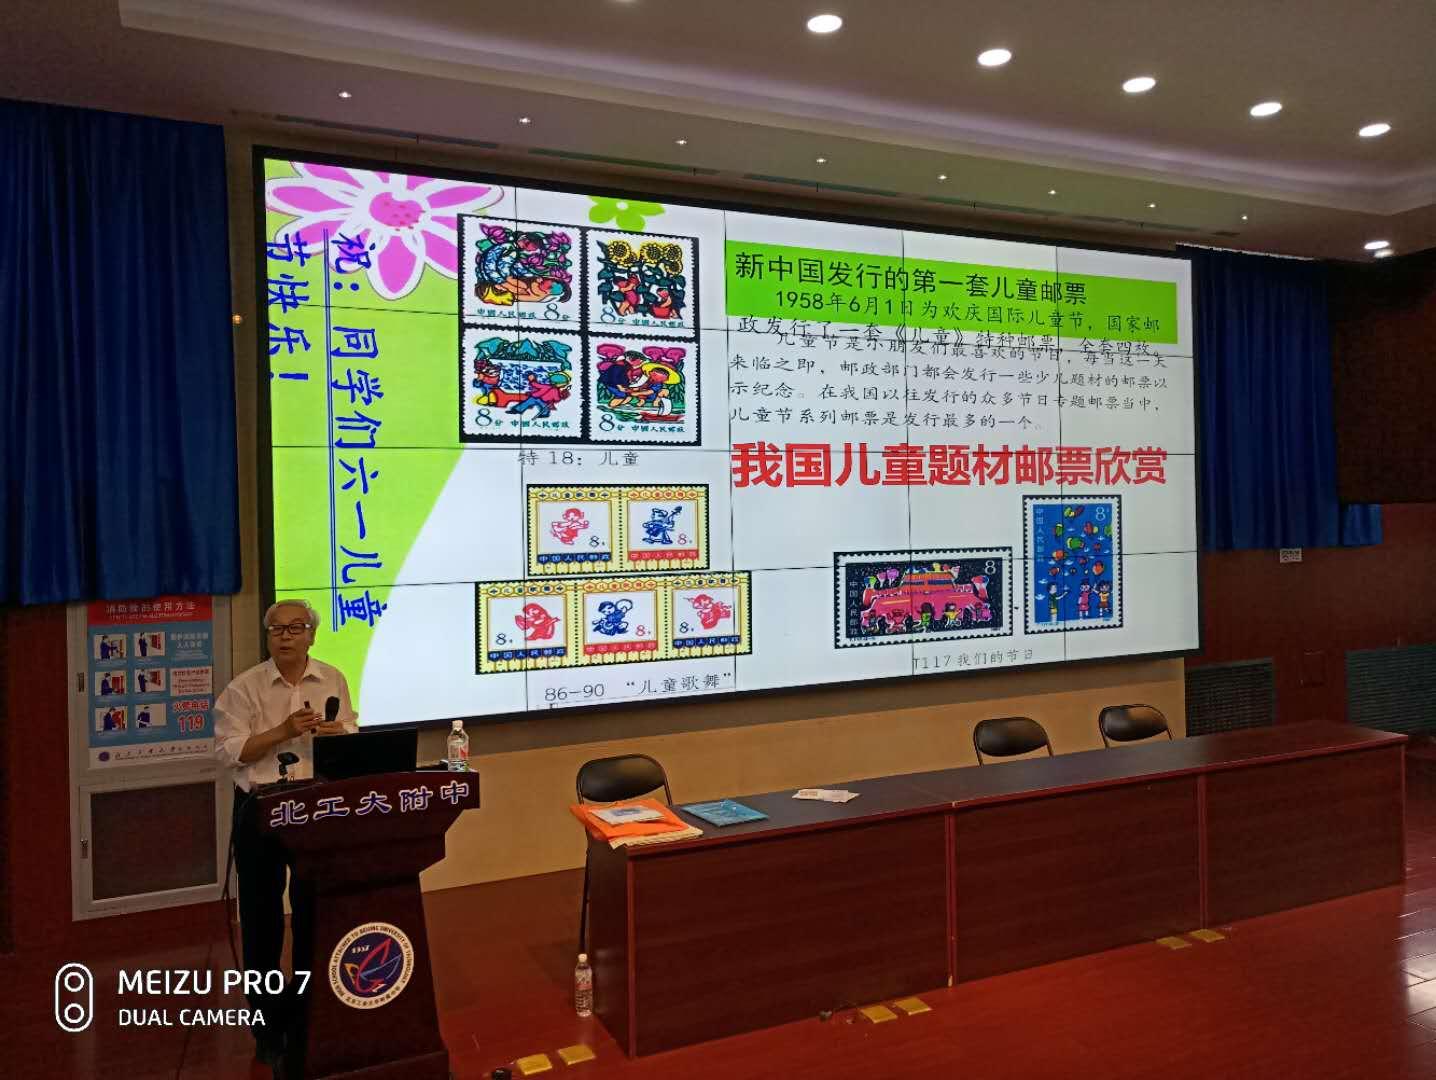 澳门市集邮协会理事娄惠清老师为学生做集邮知识讲座.jpg